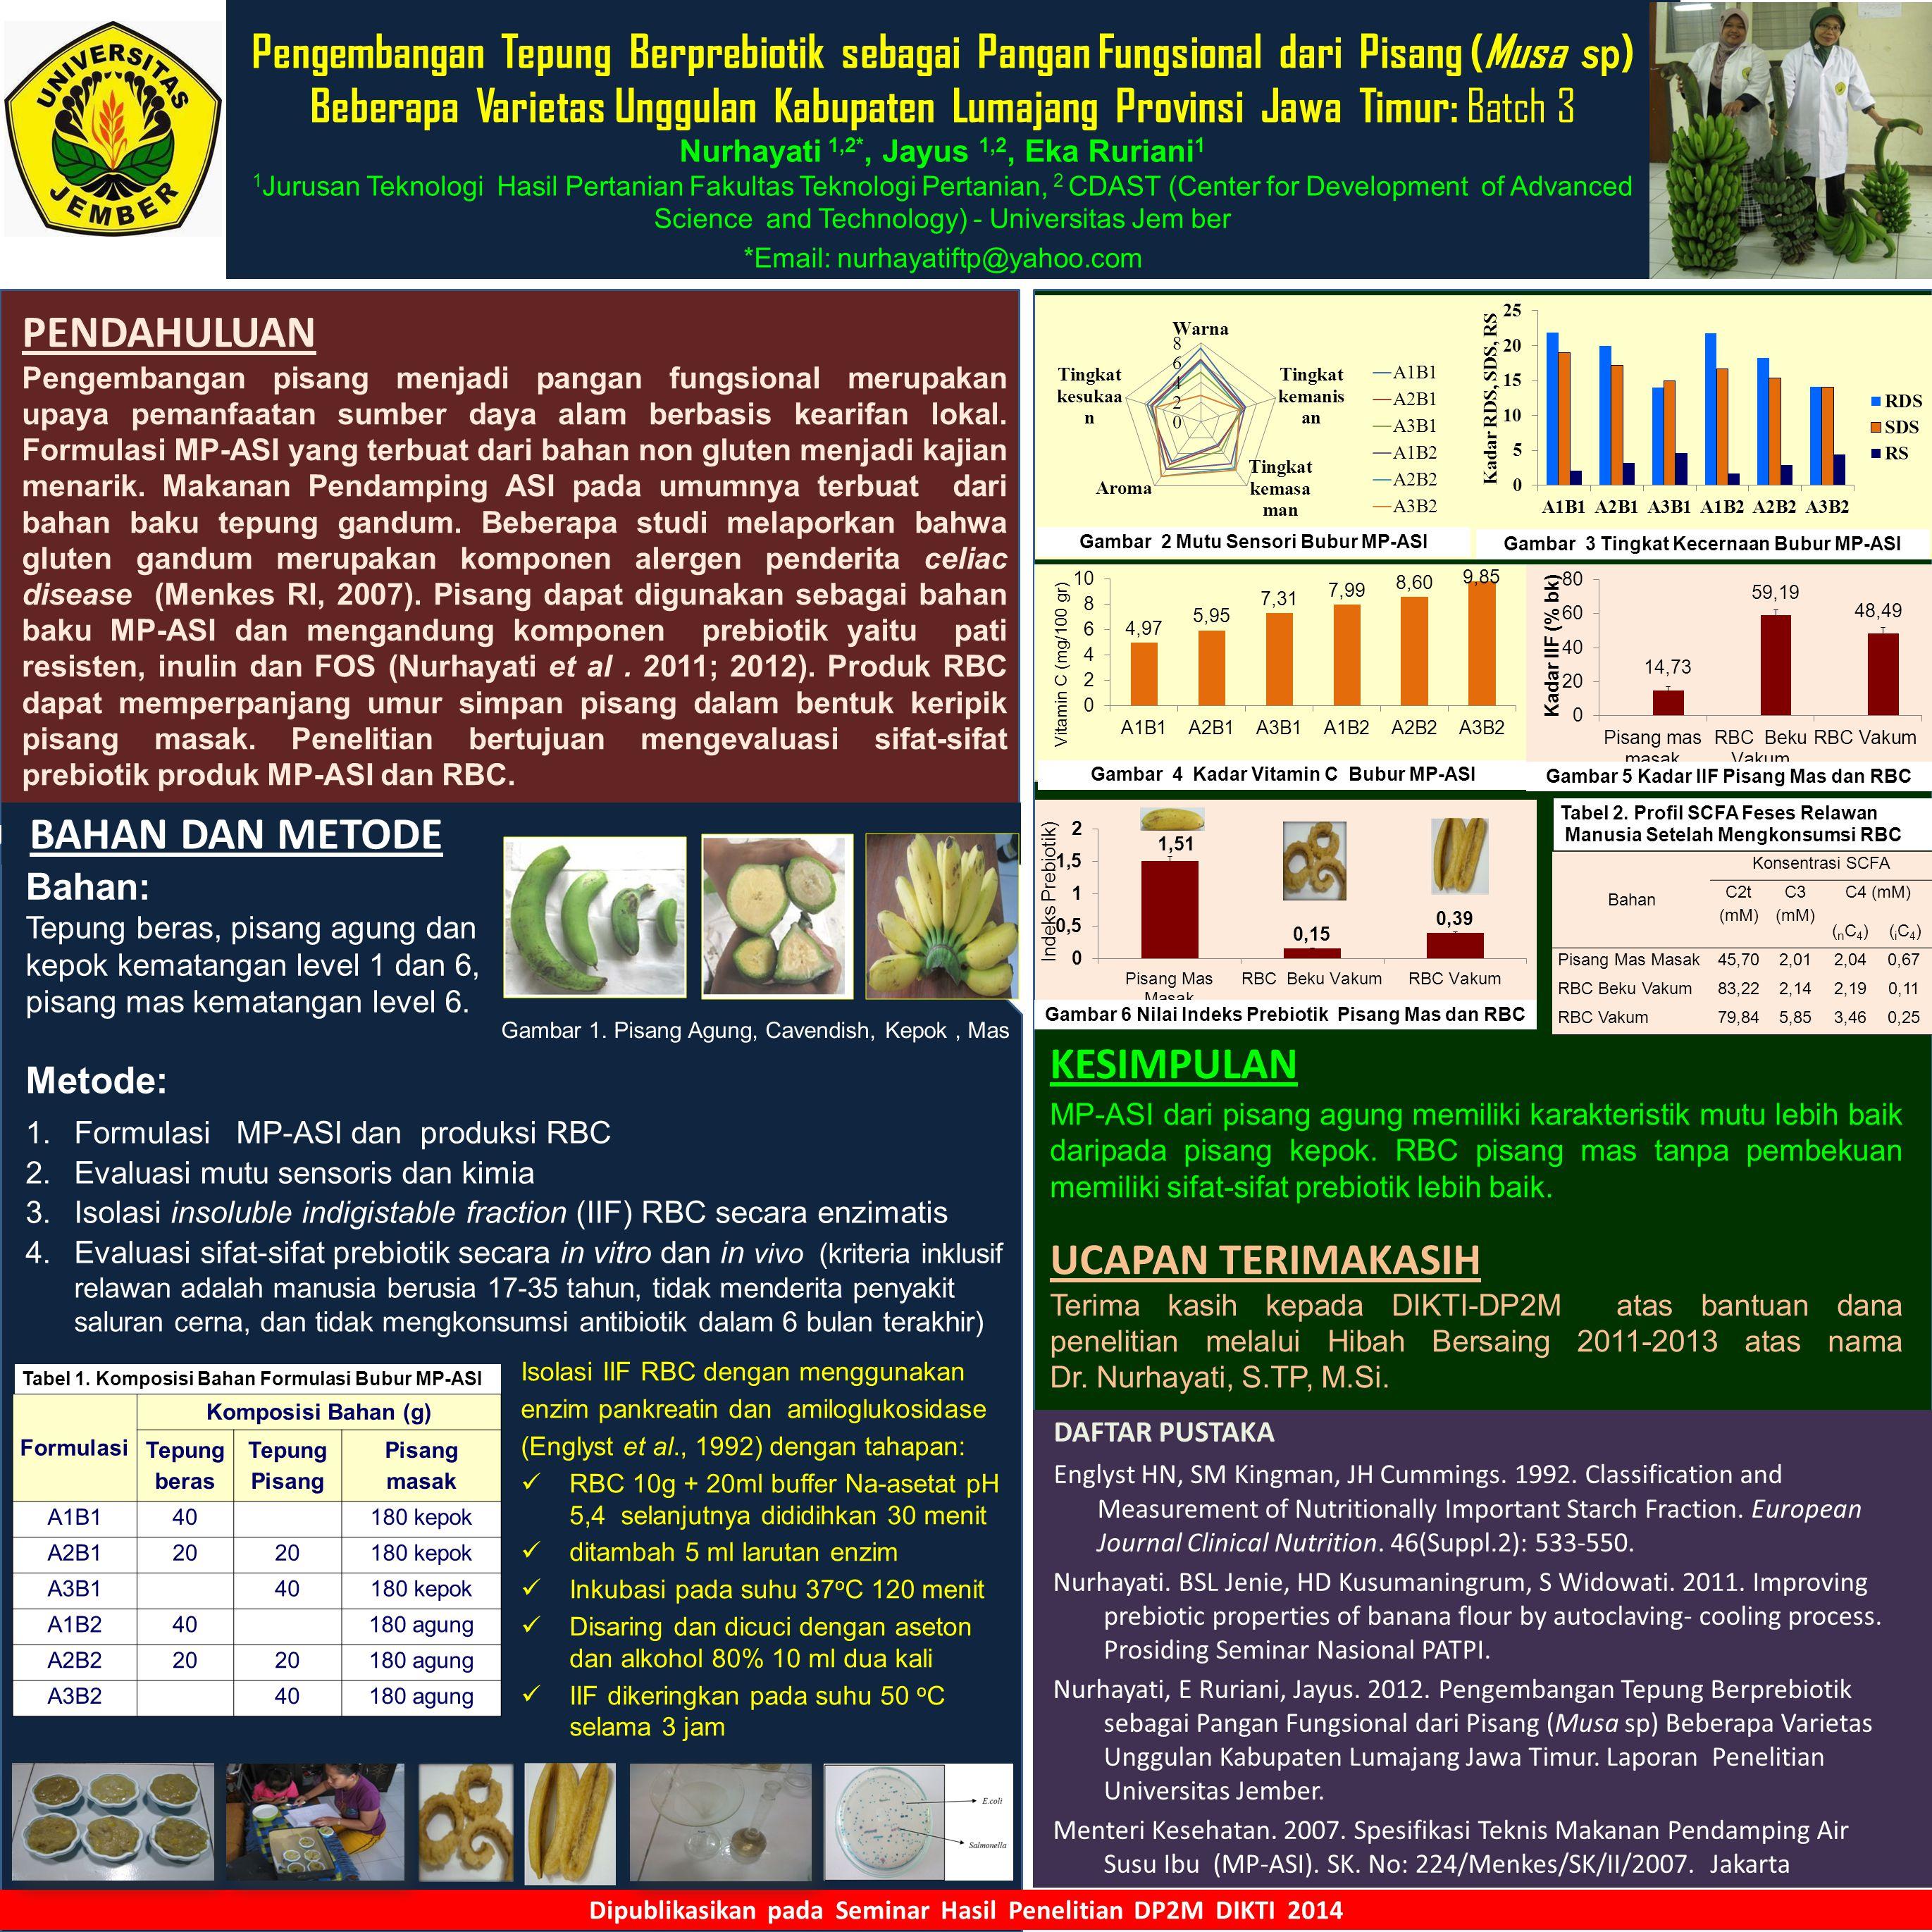 Pengembangan Tepung Berprebiotik sebagai Pangan Fungsional dari Pisang (Musa s p ) Beberapa Varietas Unggulan Kabupaten Lumajang Provinsi Jawa Timur: